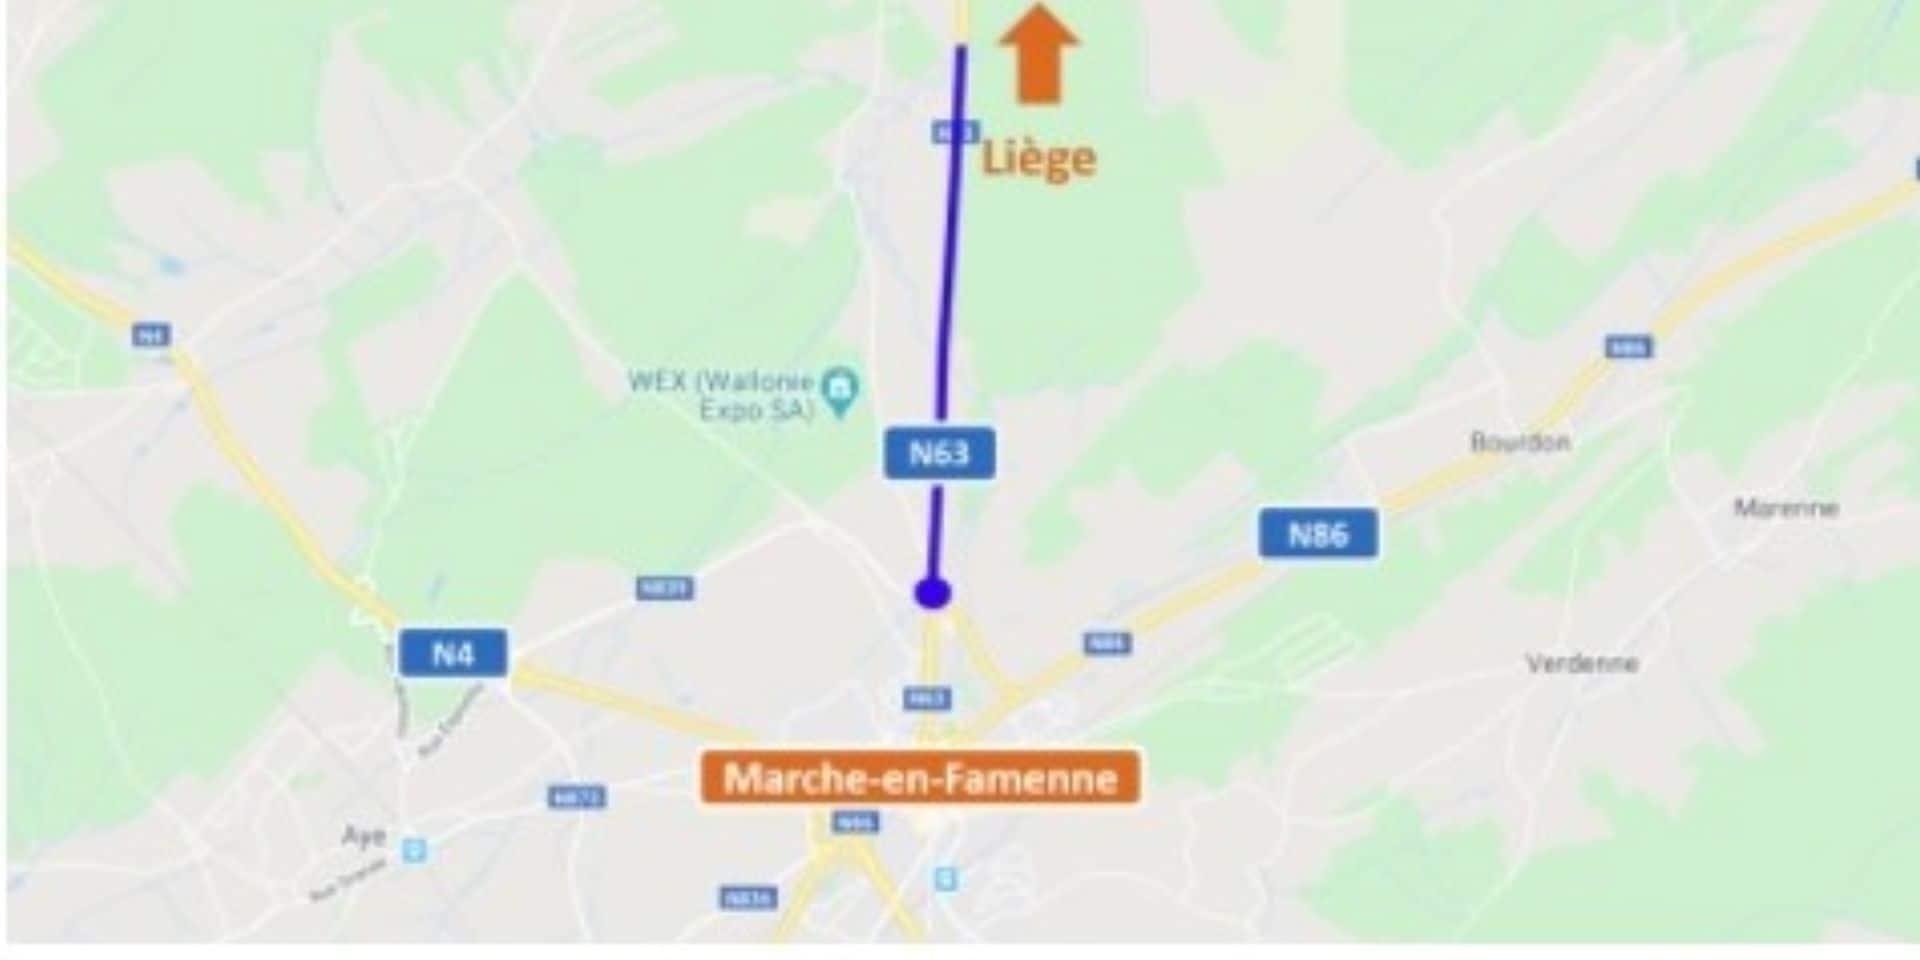 Marche-en-Famenne : la réfection du rond-point à l'entrée de la ville est reportée